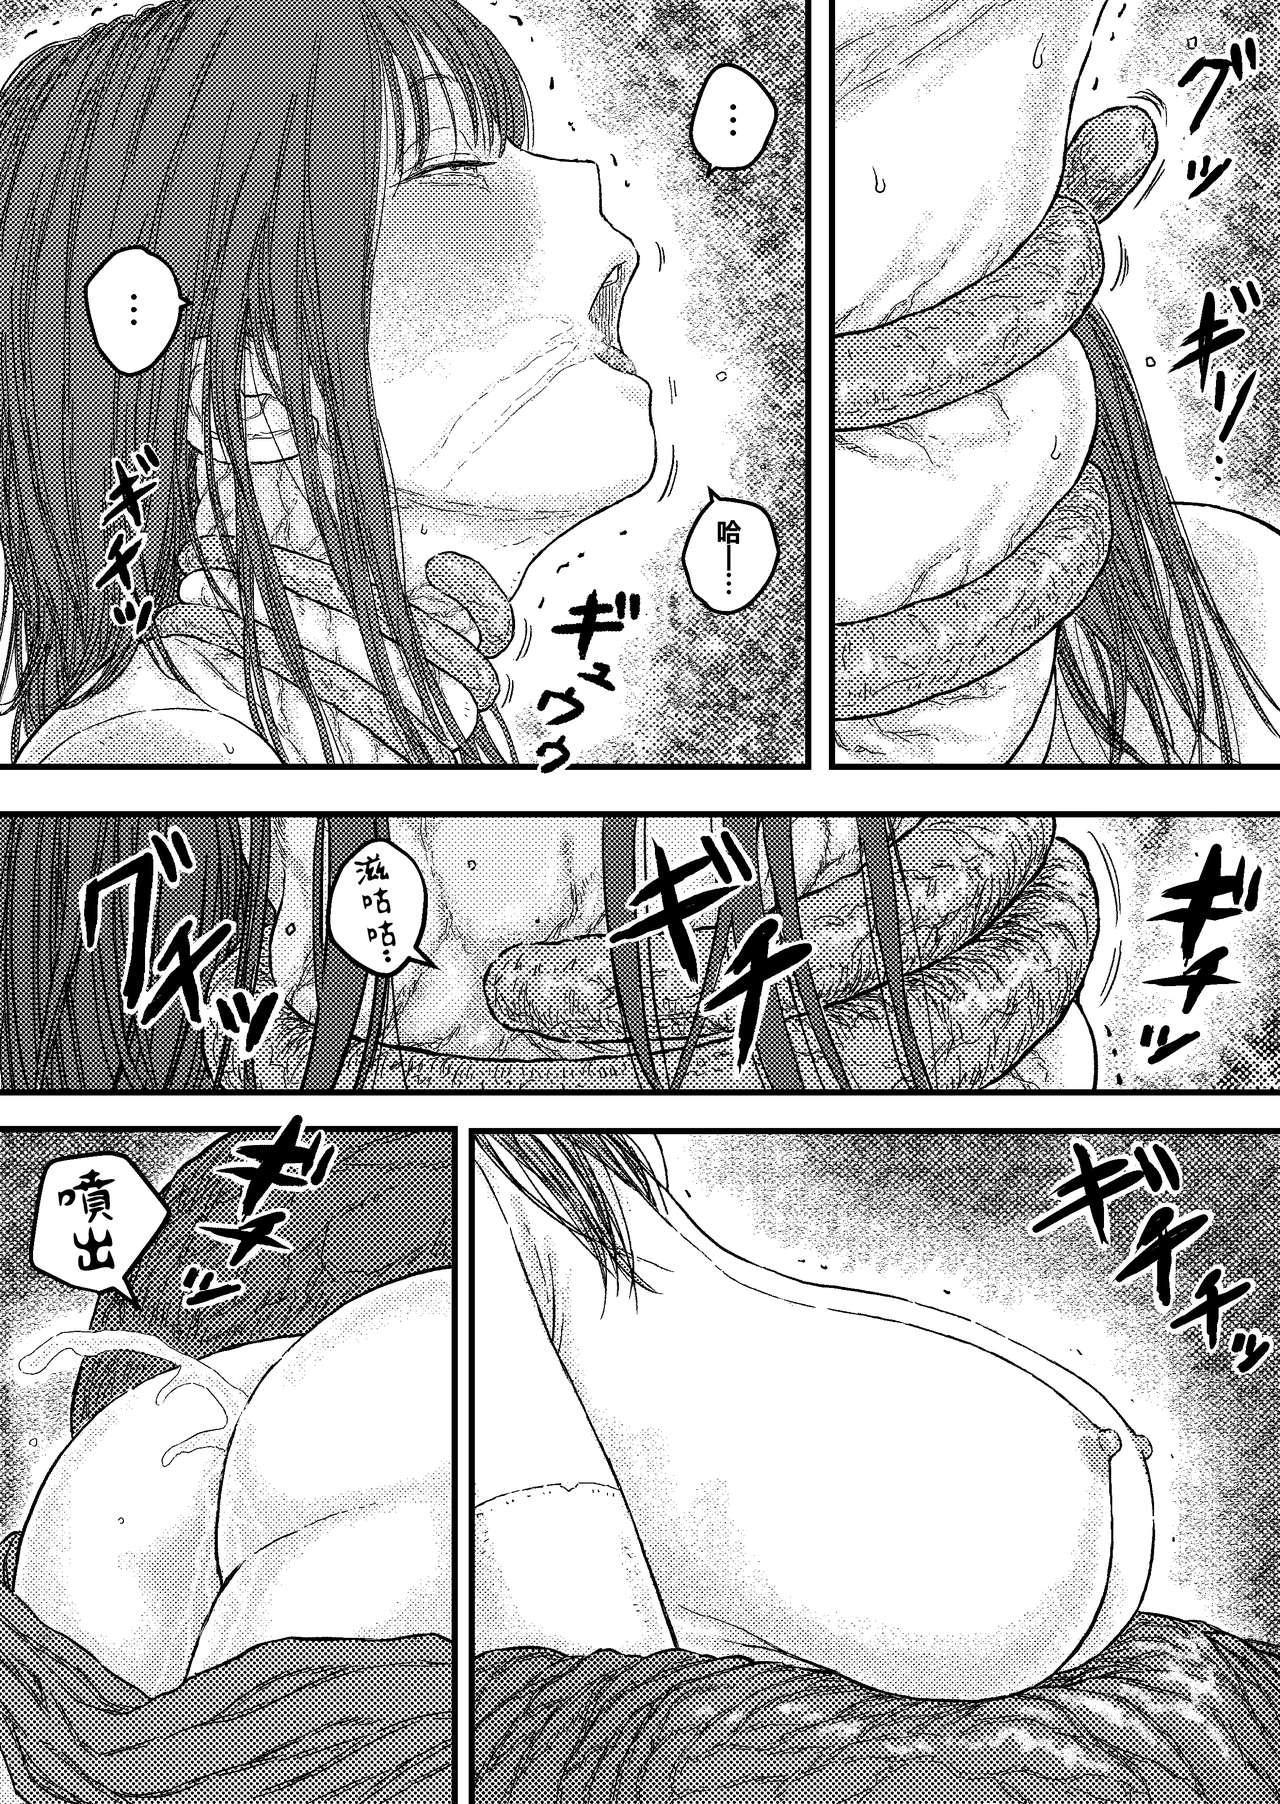 TENTACLE DAY 2BAD 【Saikyou Shokushu ni Yoru Saiaku no Seme ni Modae Kuruu Shoujo no Akumu】 27